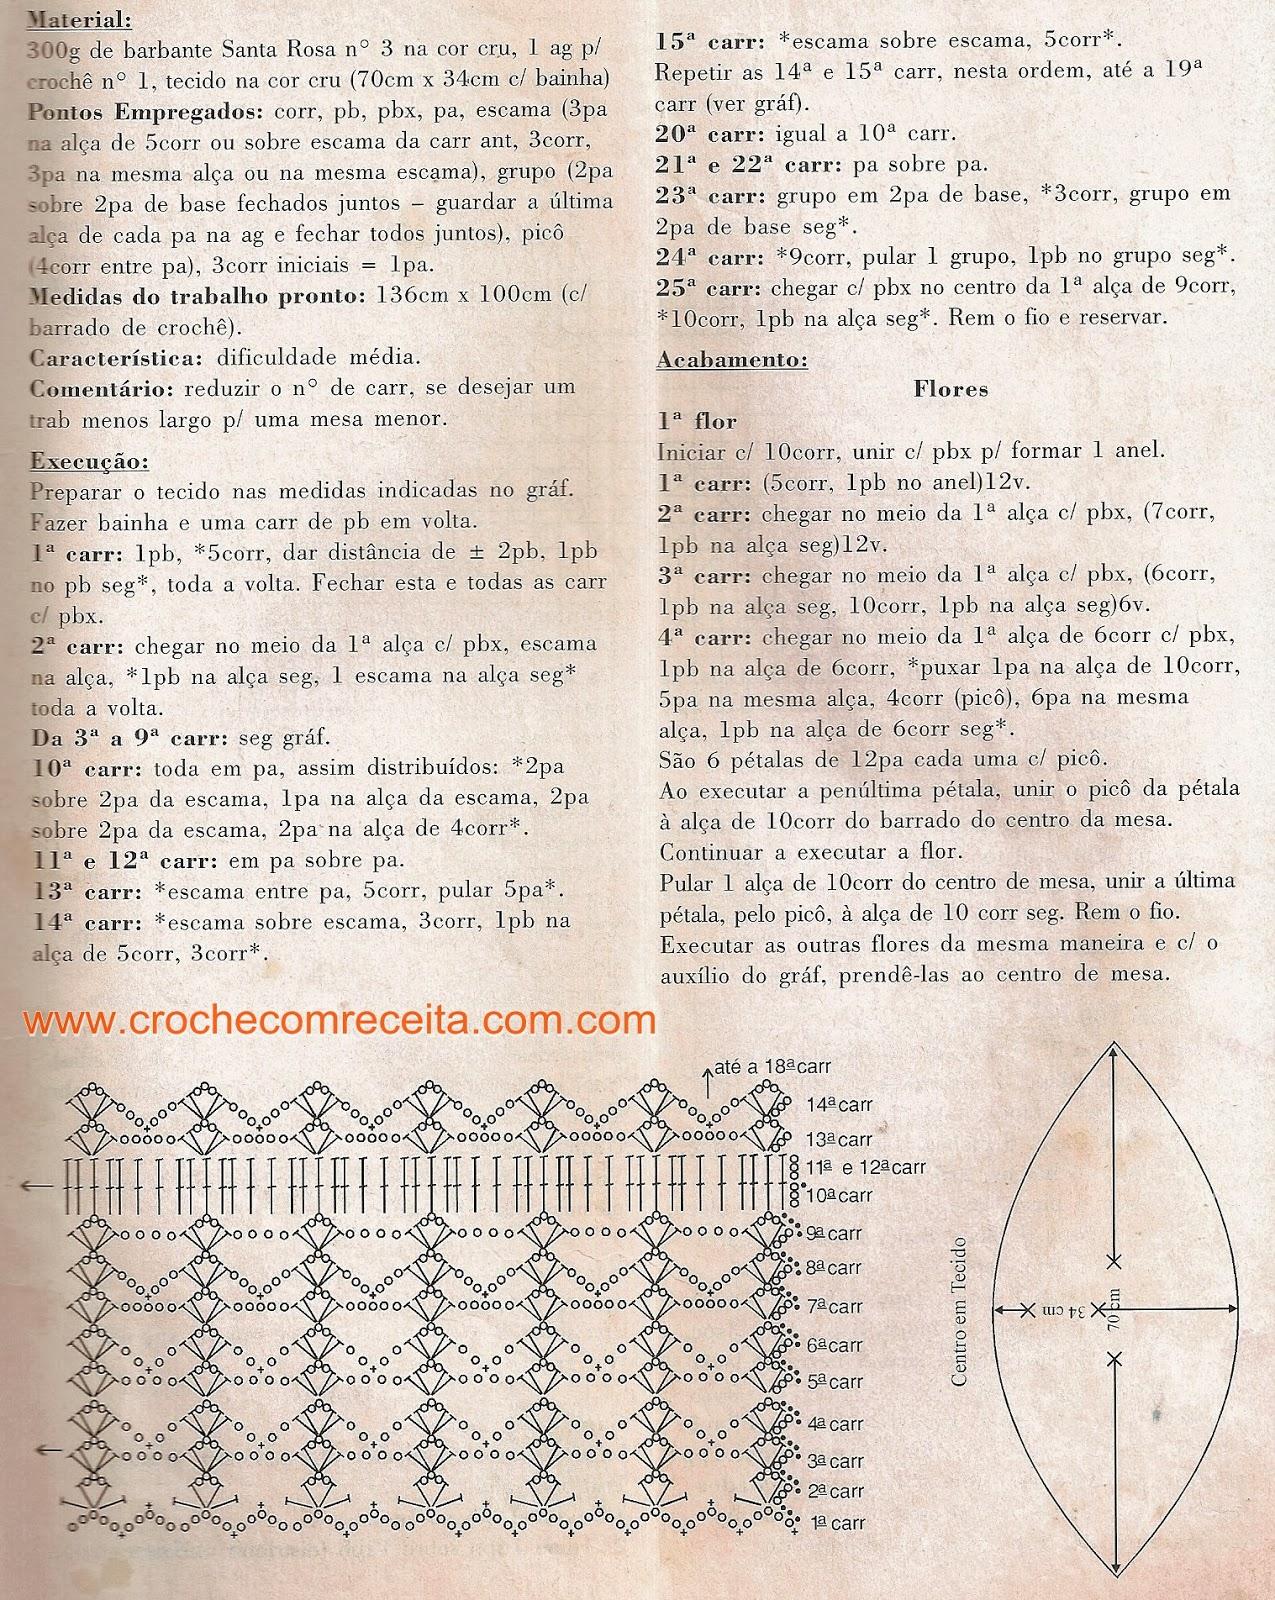 CROCHE COM RECEITA: Toalha em tecido com barrado e rosetas em croche